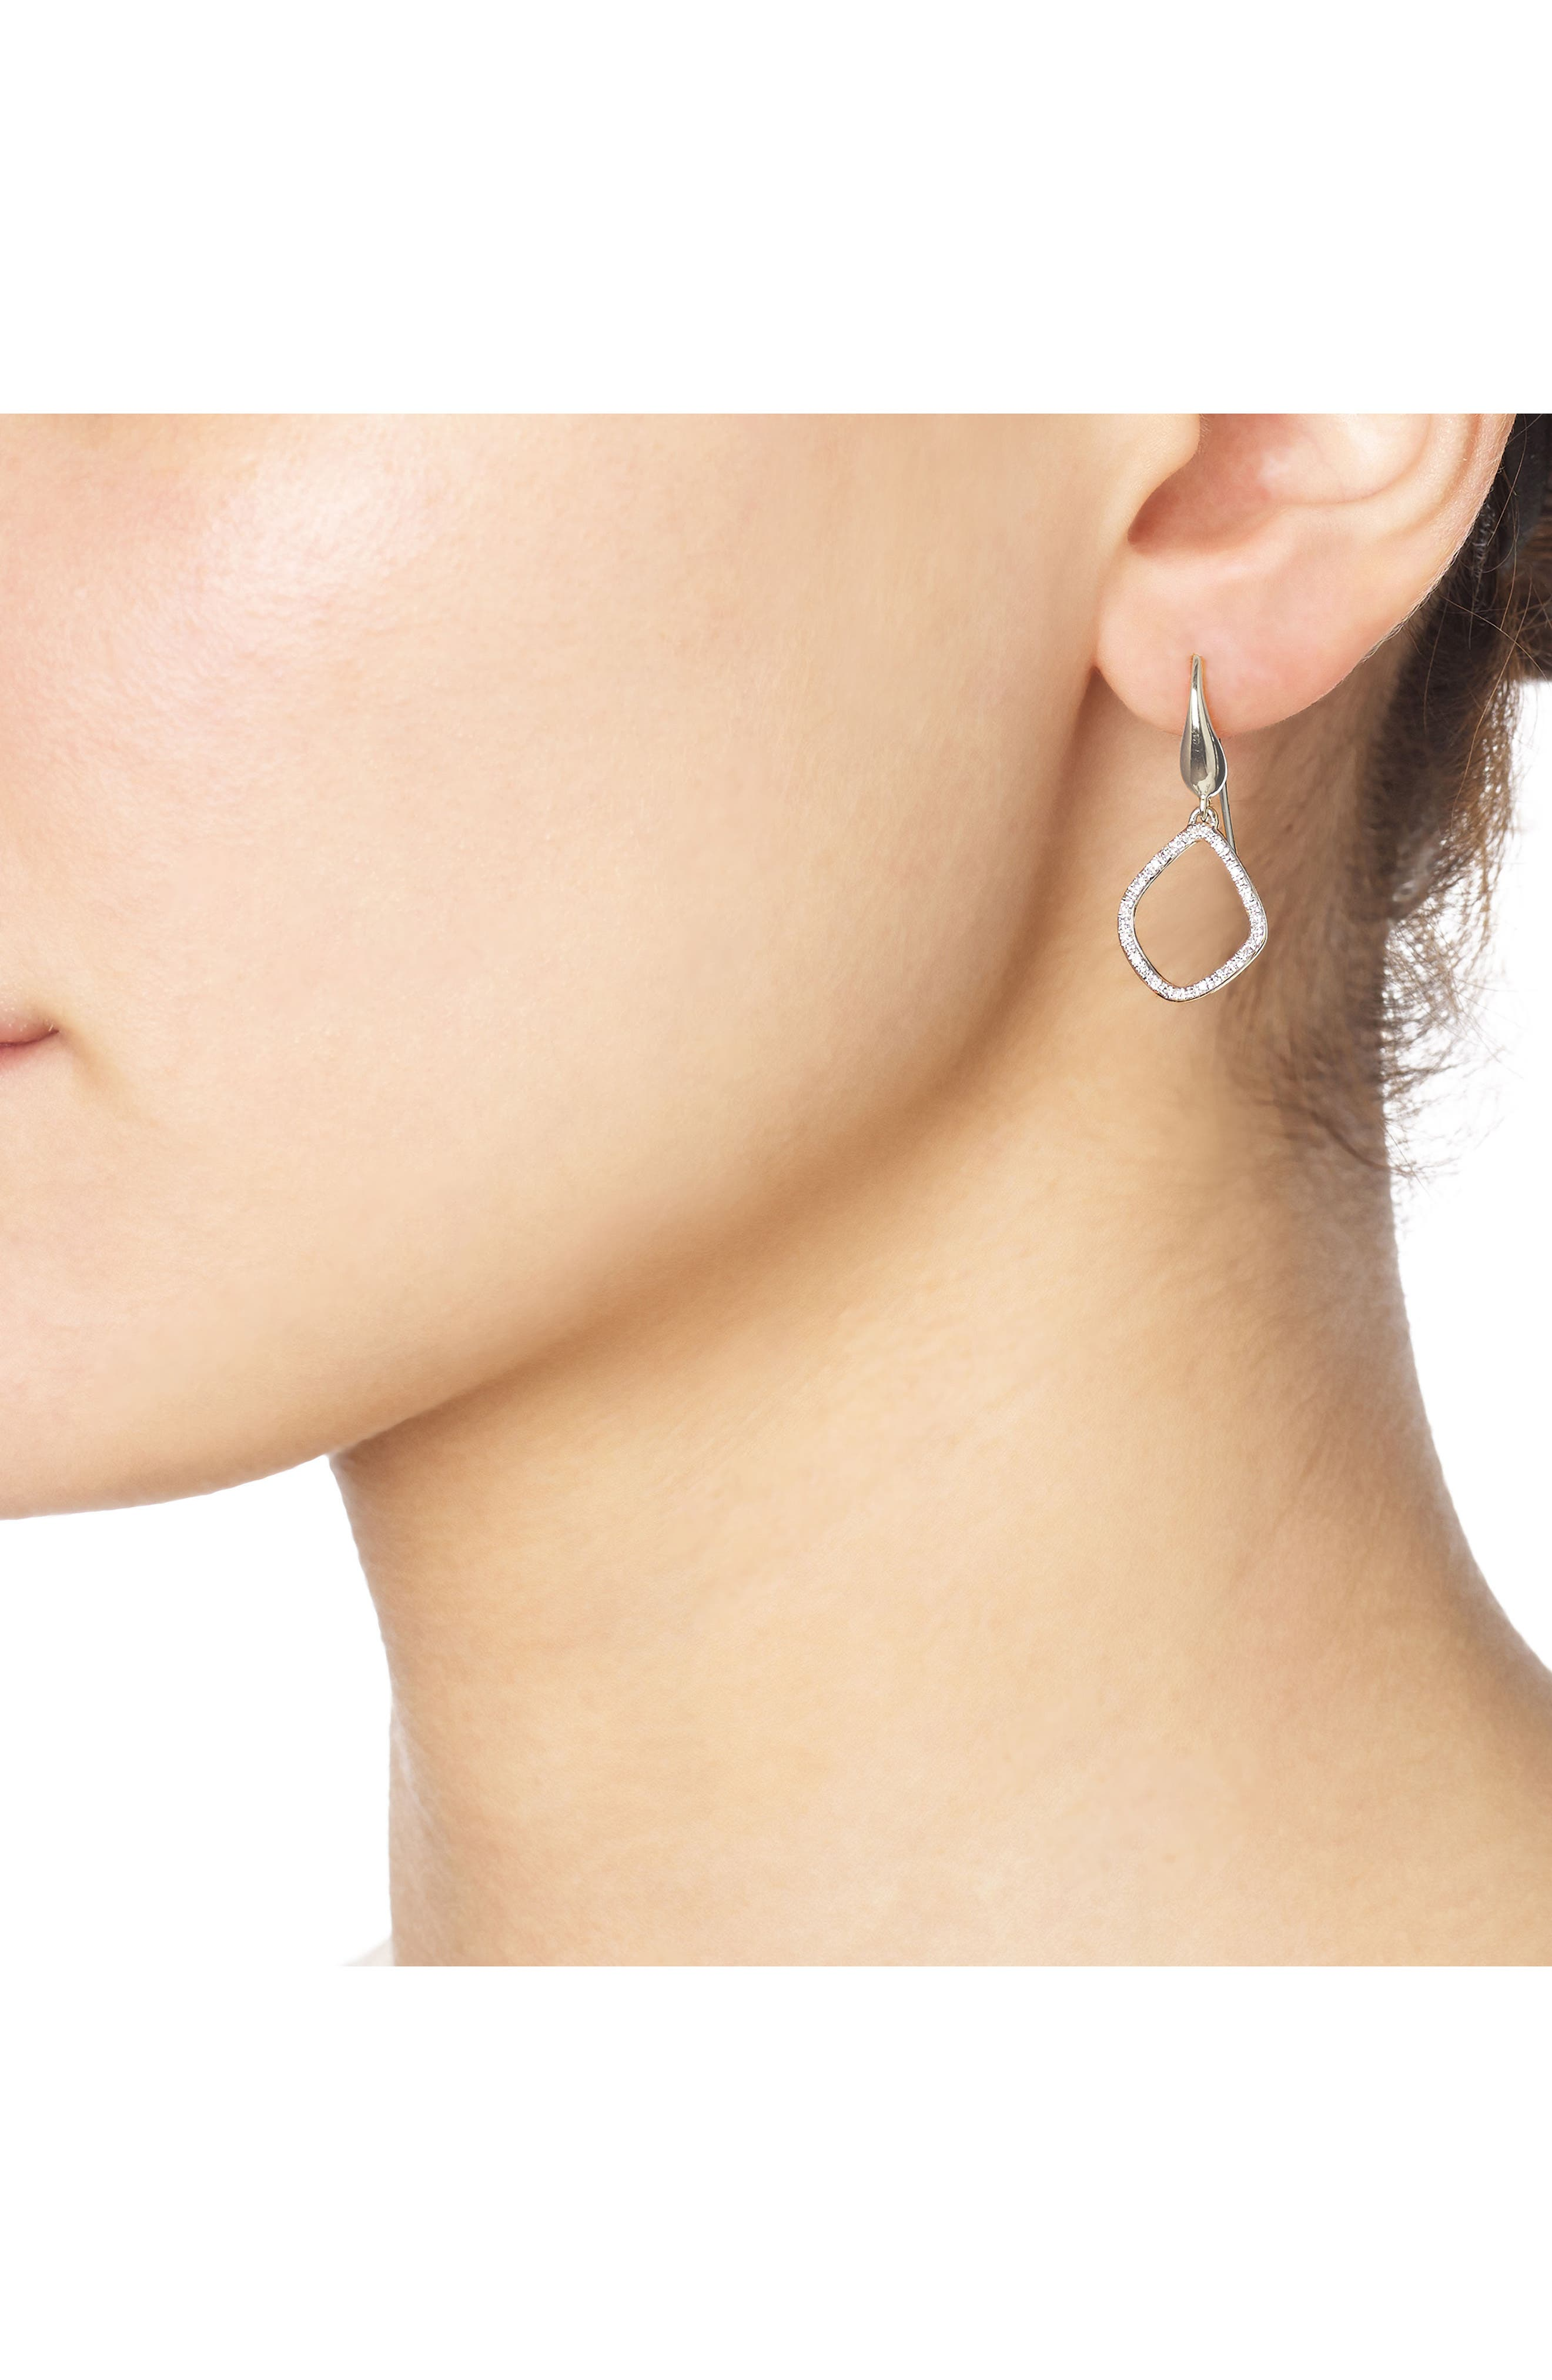 'Riva Kite' Diamond Drop Earrings,                             Alternate thumbnail 2, color,                             SILVER